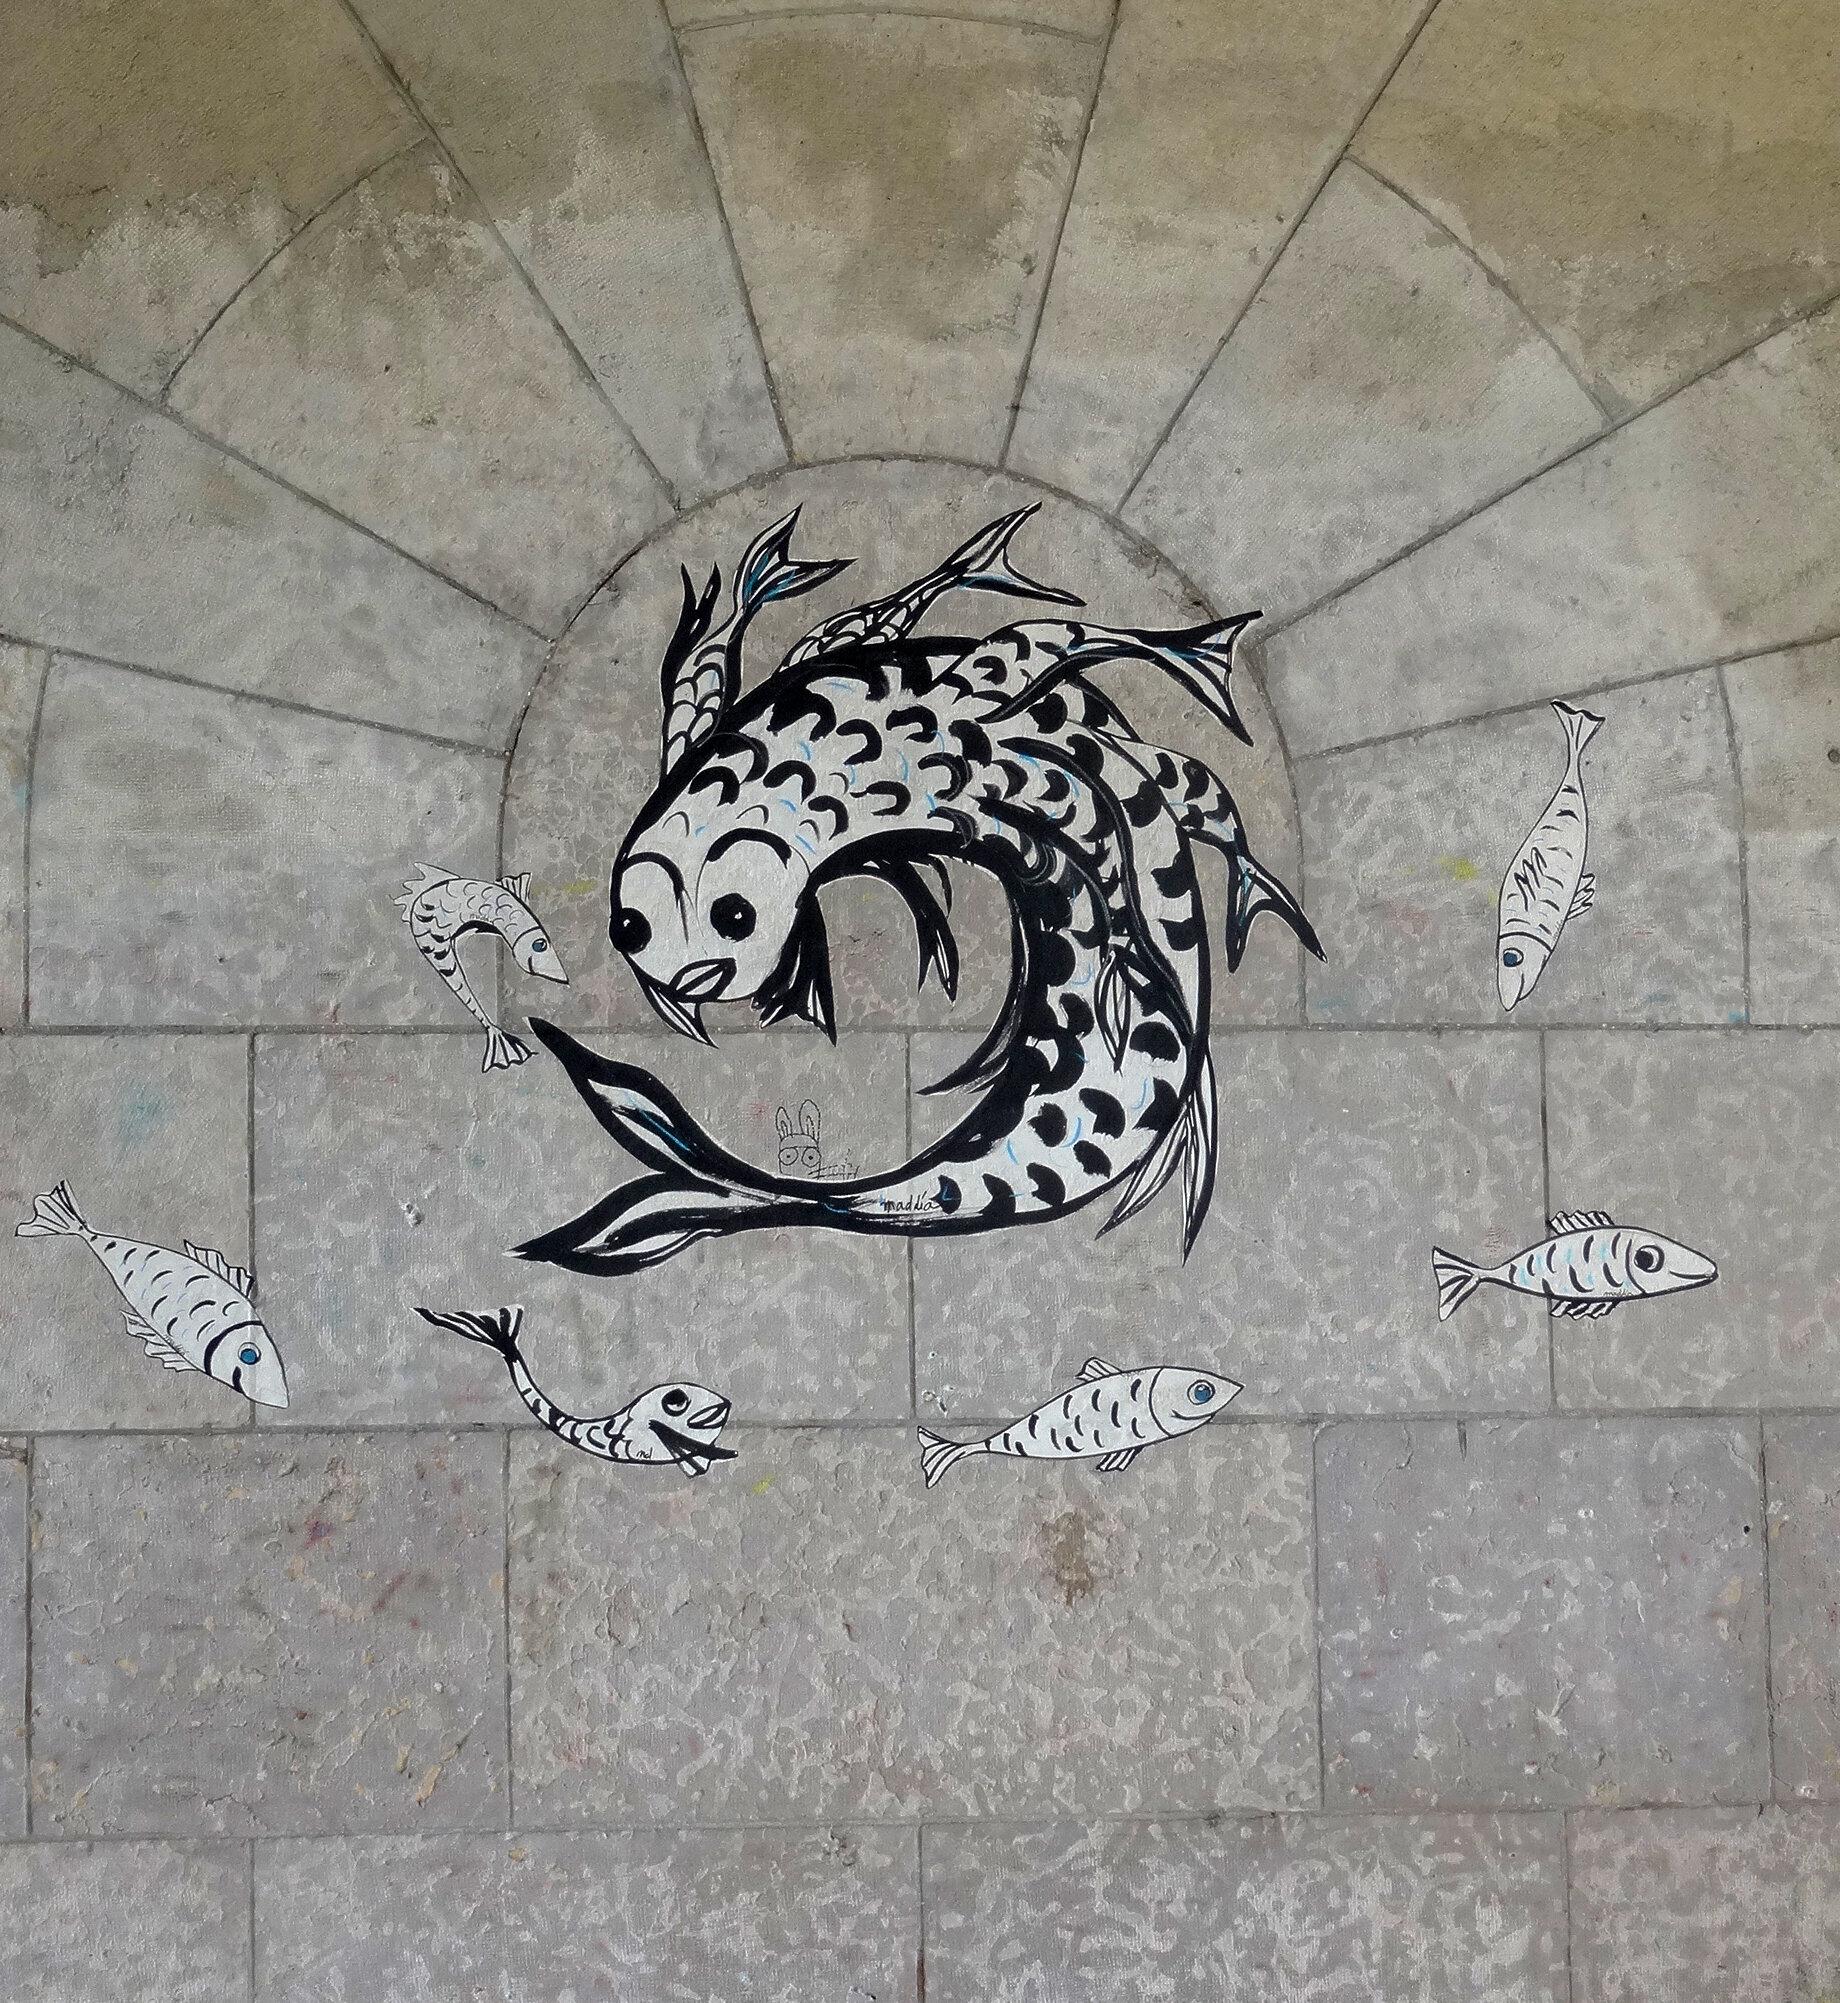 Sequana, être imaginaire de la Seine, quai de Seine, Paris Papier végétal, encre de chine, colle ph neutre Copyright ADAGP